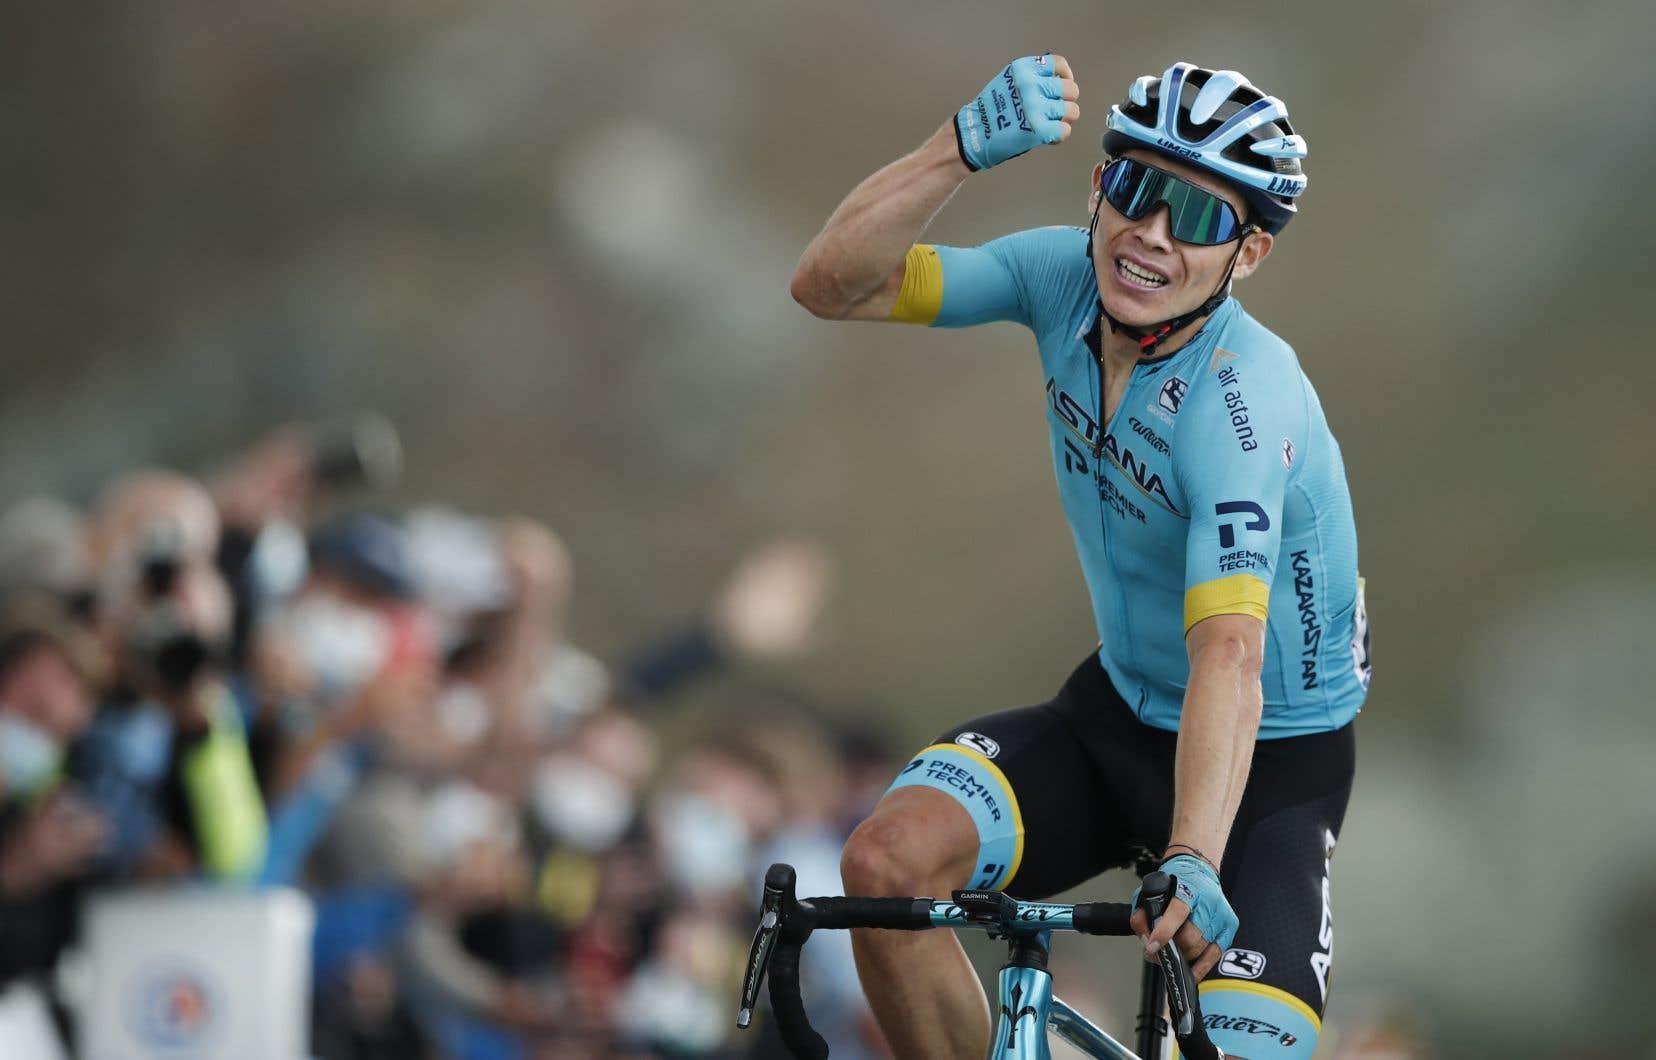 En remportant l'étape la plus exigeante du Tour de France, Miguel Ángel López s'est aussi emparé du troisième rang cumulatif.